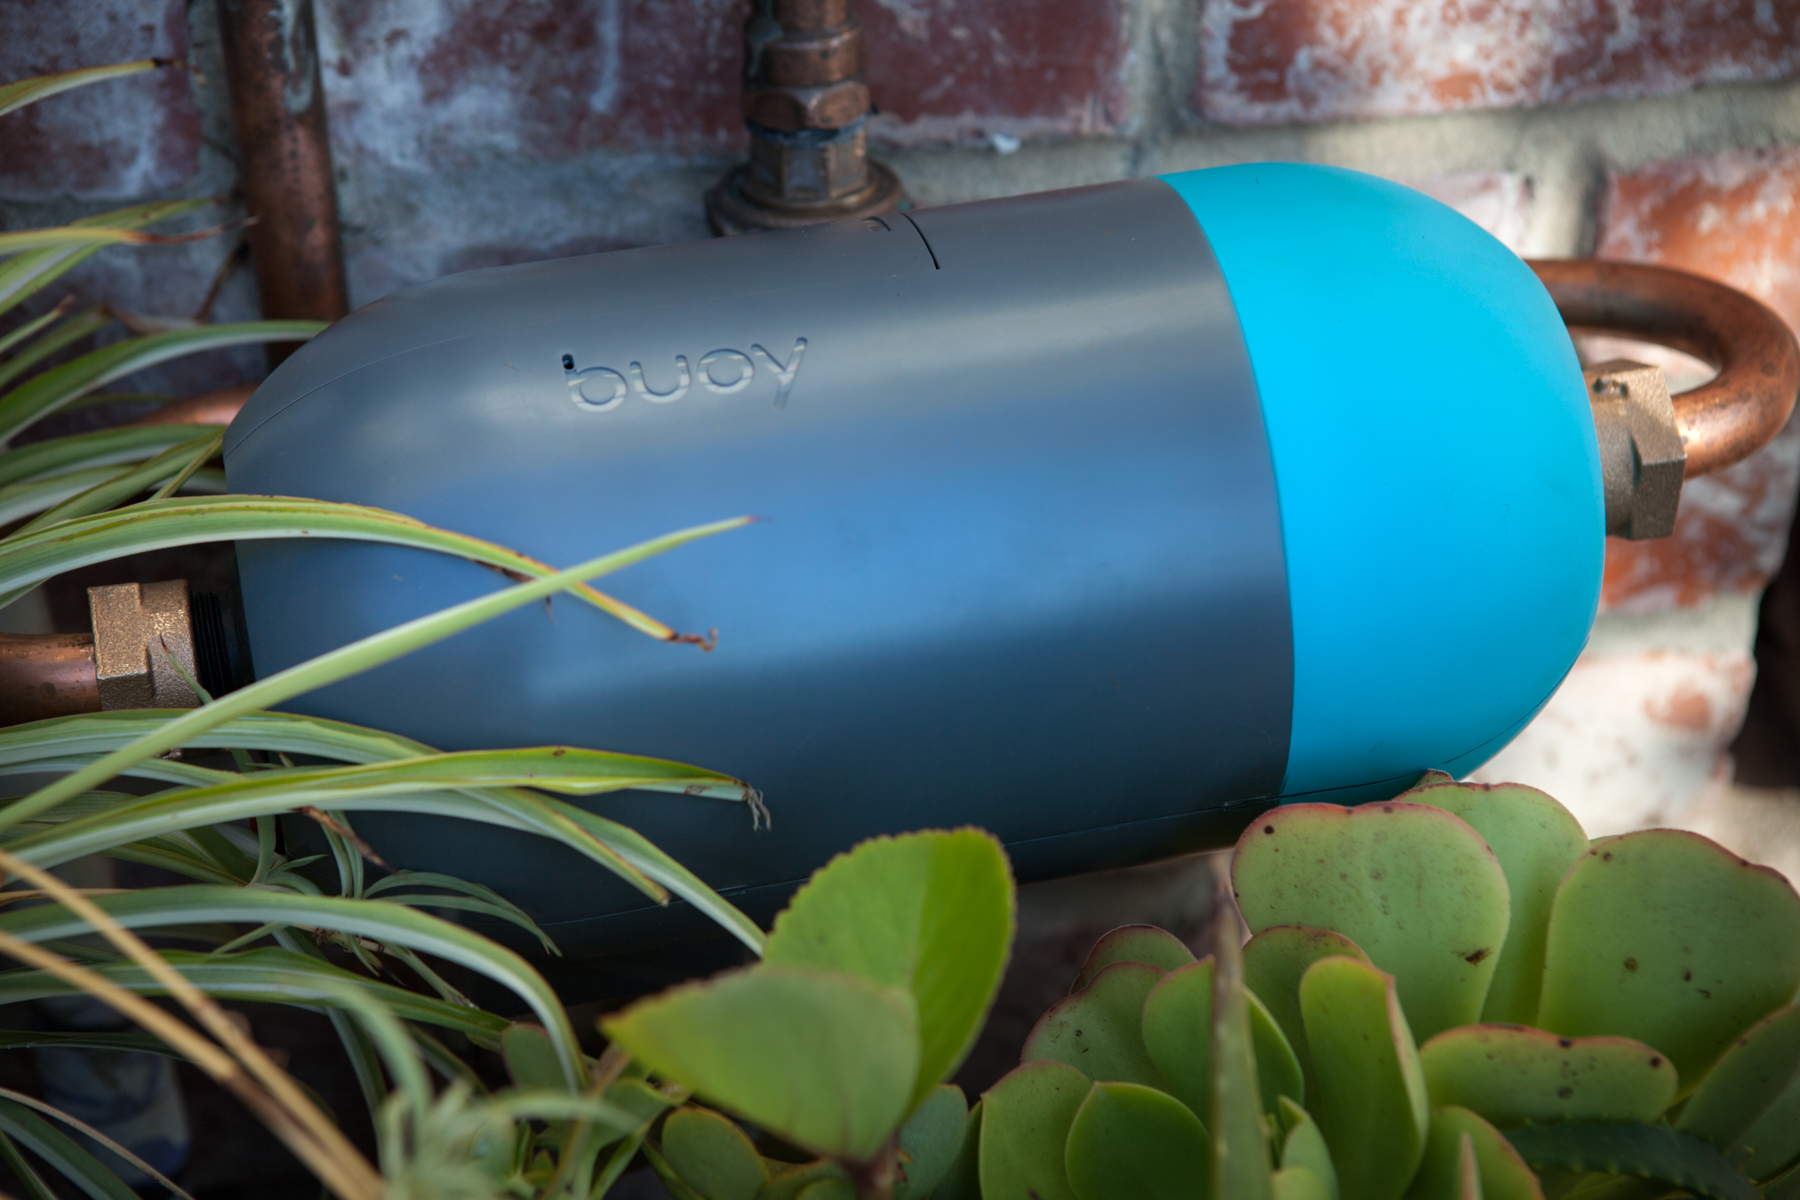 buoy-install-hor-on-waterhorn-2.jpg